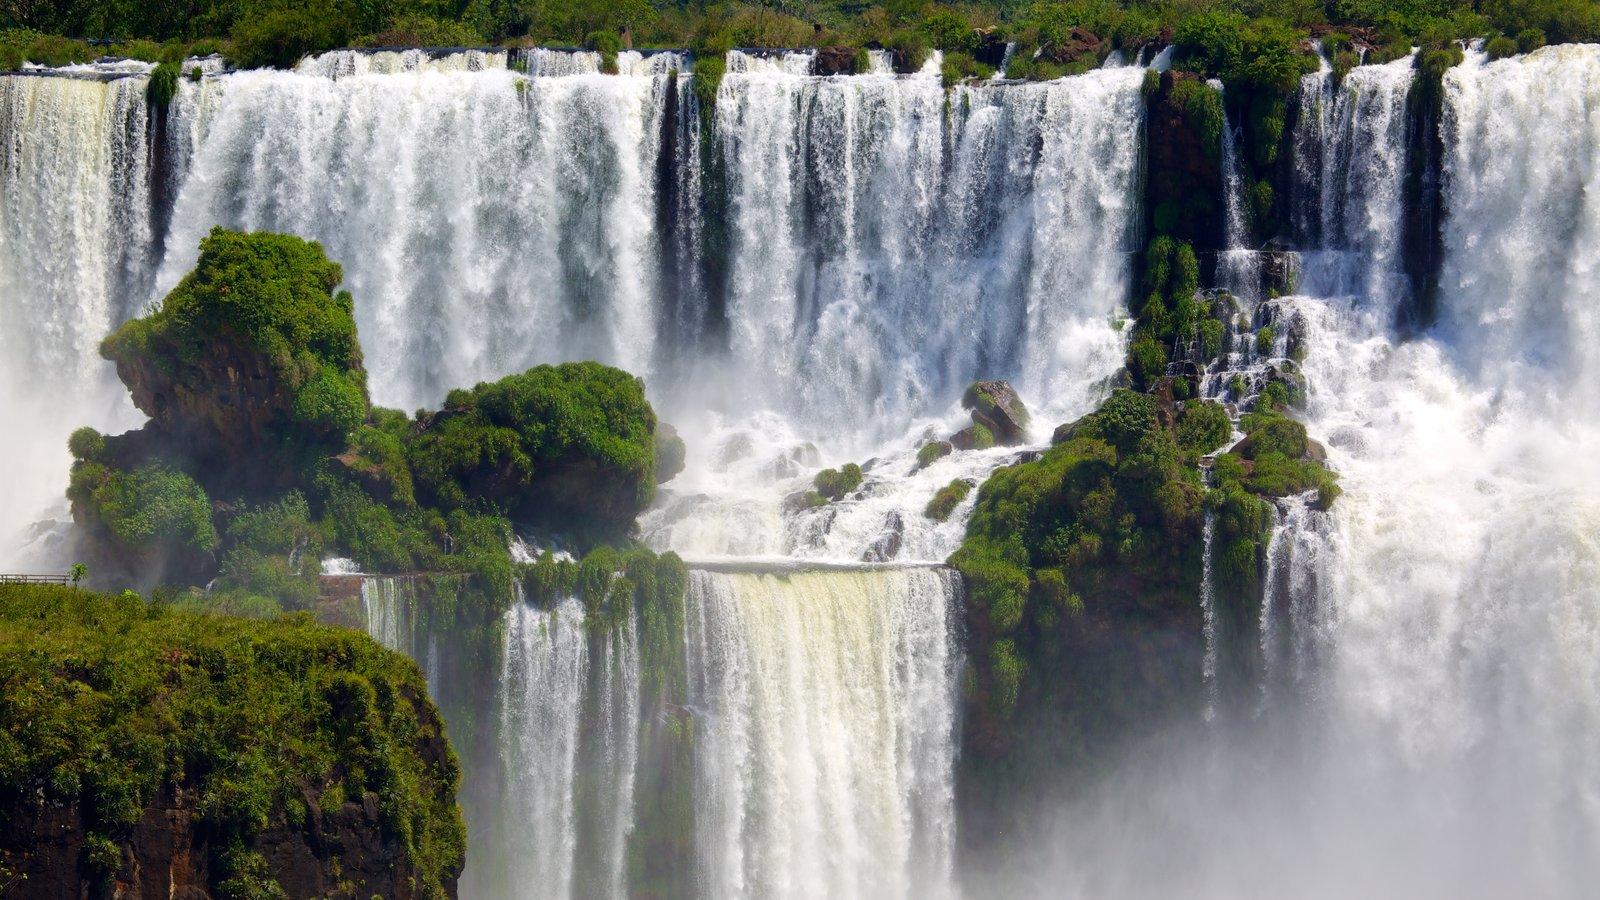 Cataratas del Iguazú mostrando uma cascata